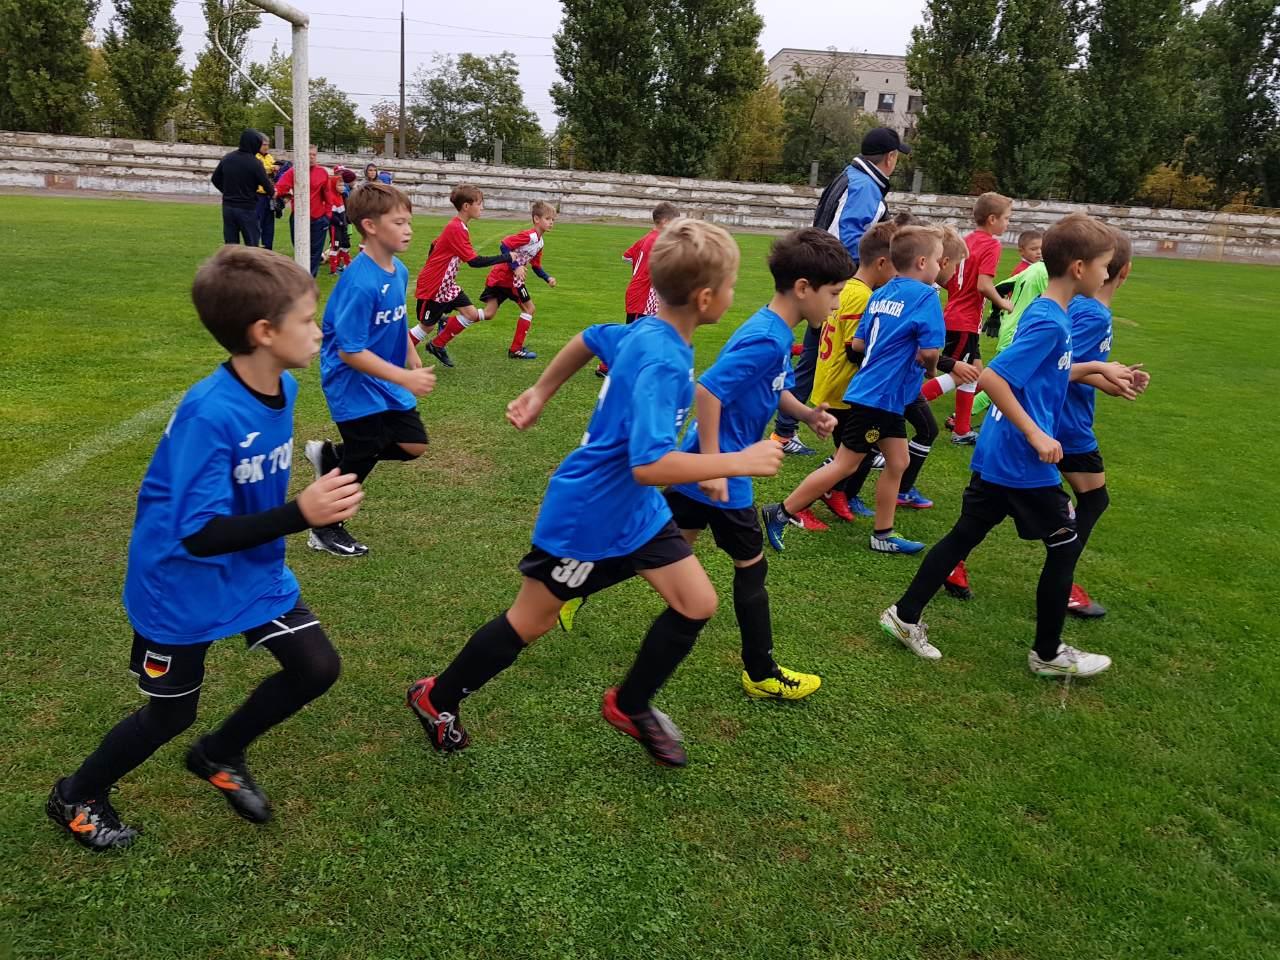 Чемпіонат Херсонської області з футболу серед команд юнаків 2009/2010 р.н. U-10